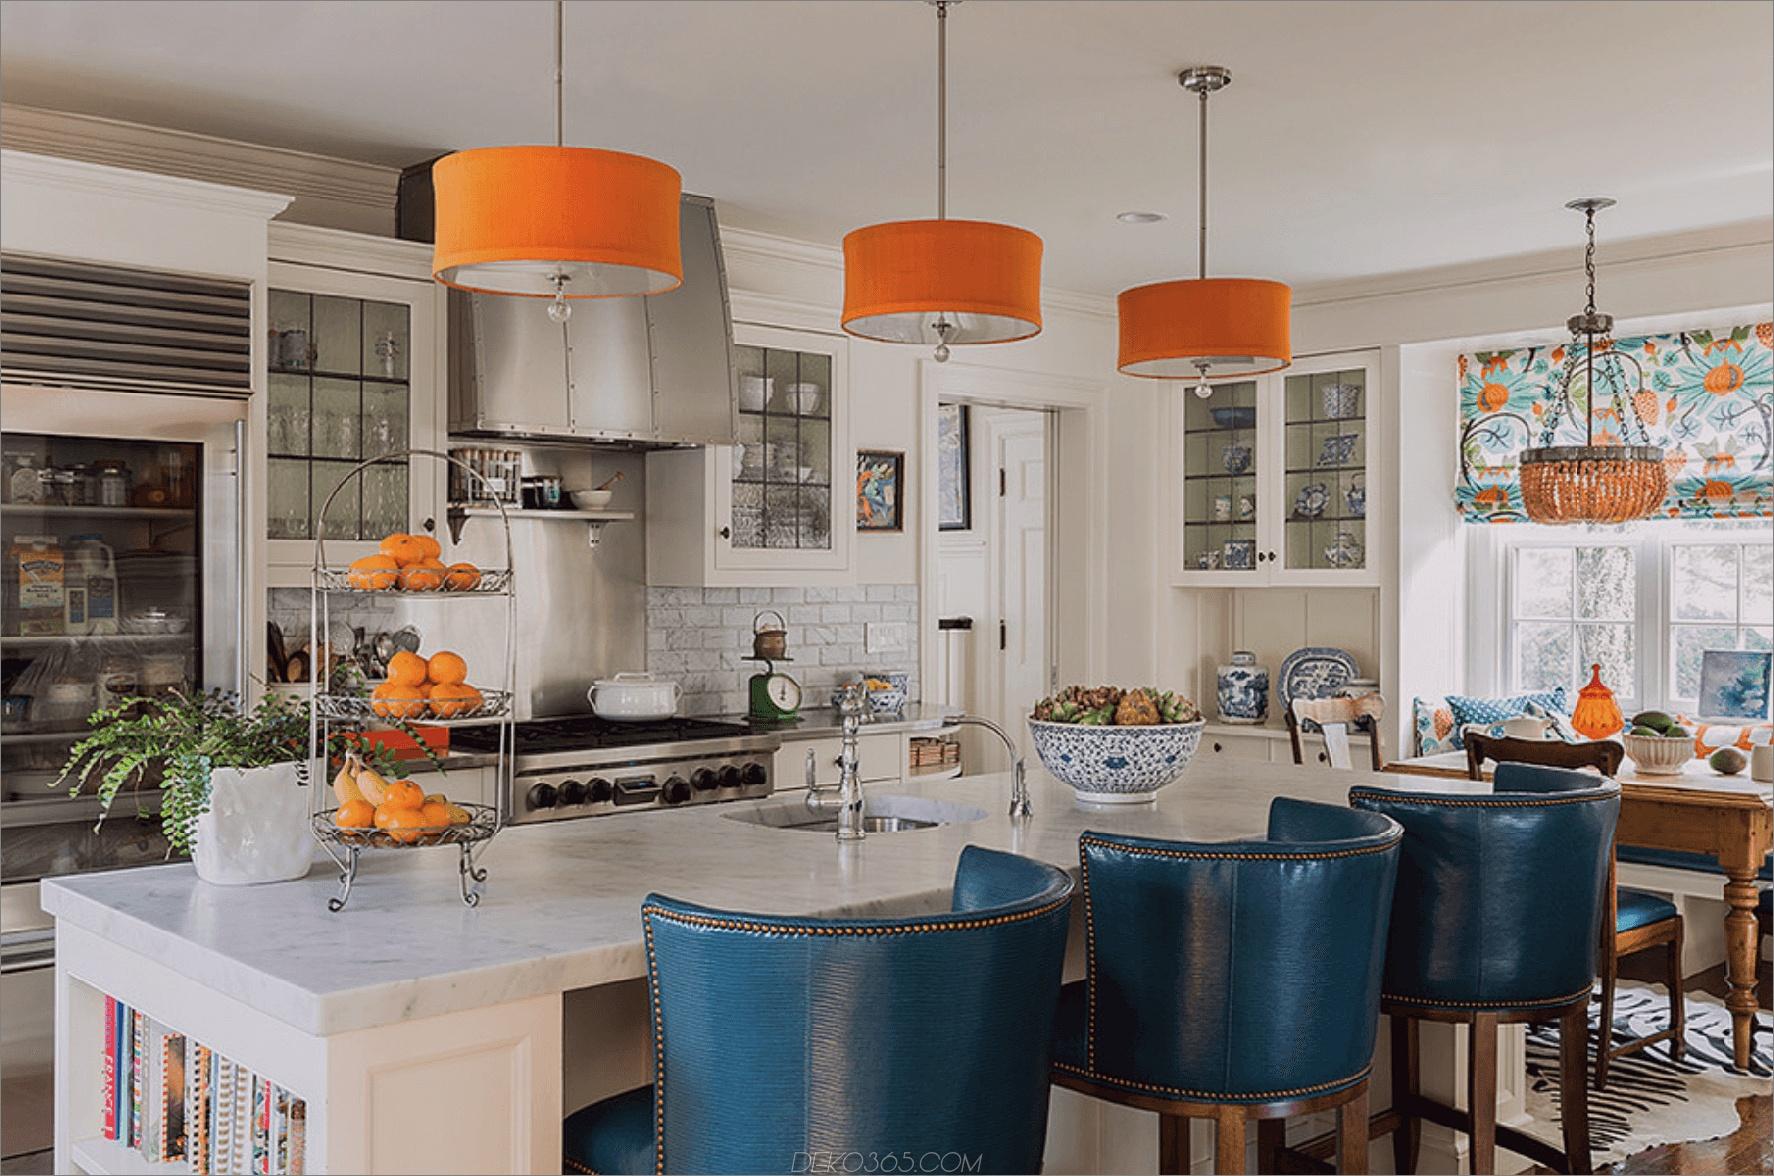 Blau und Orange 2 Unerwartete Farbpaletten, die tatsächlich funktionieren